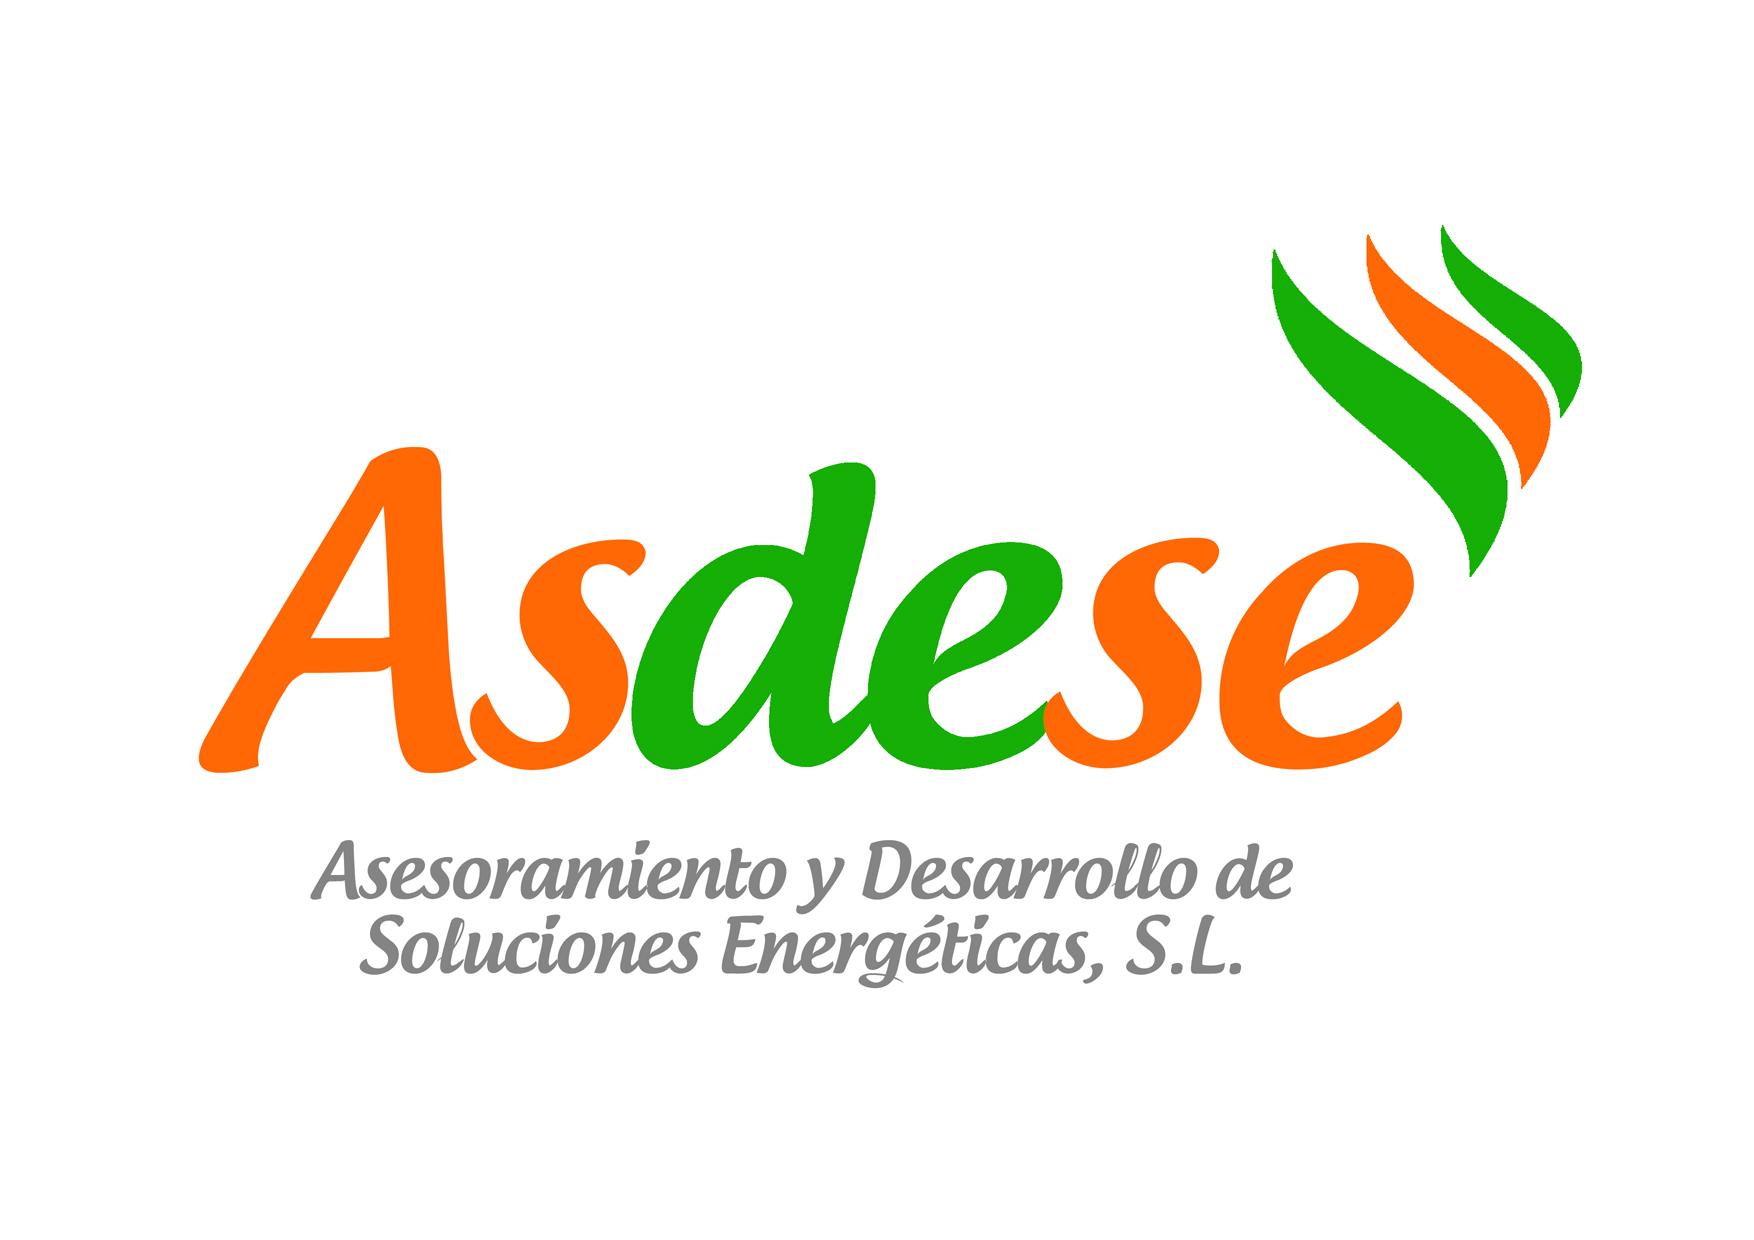 Asdese